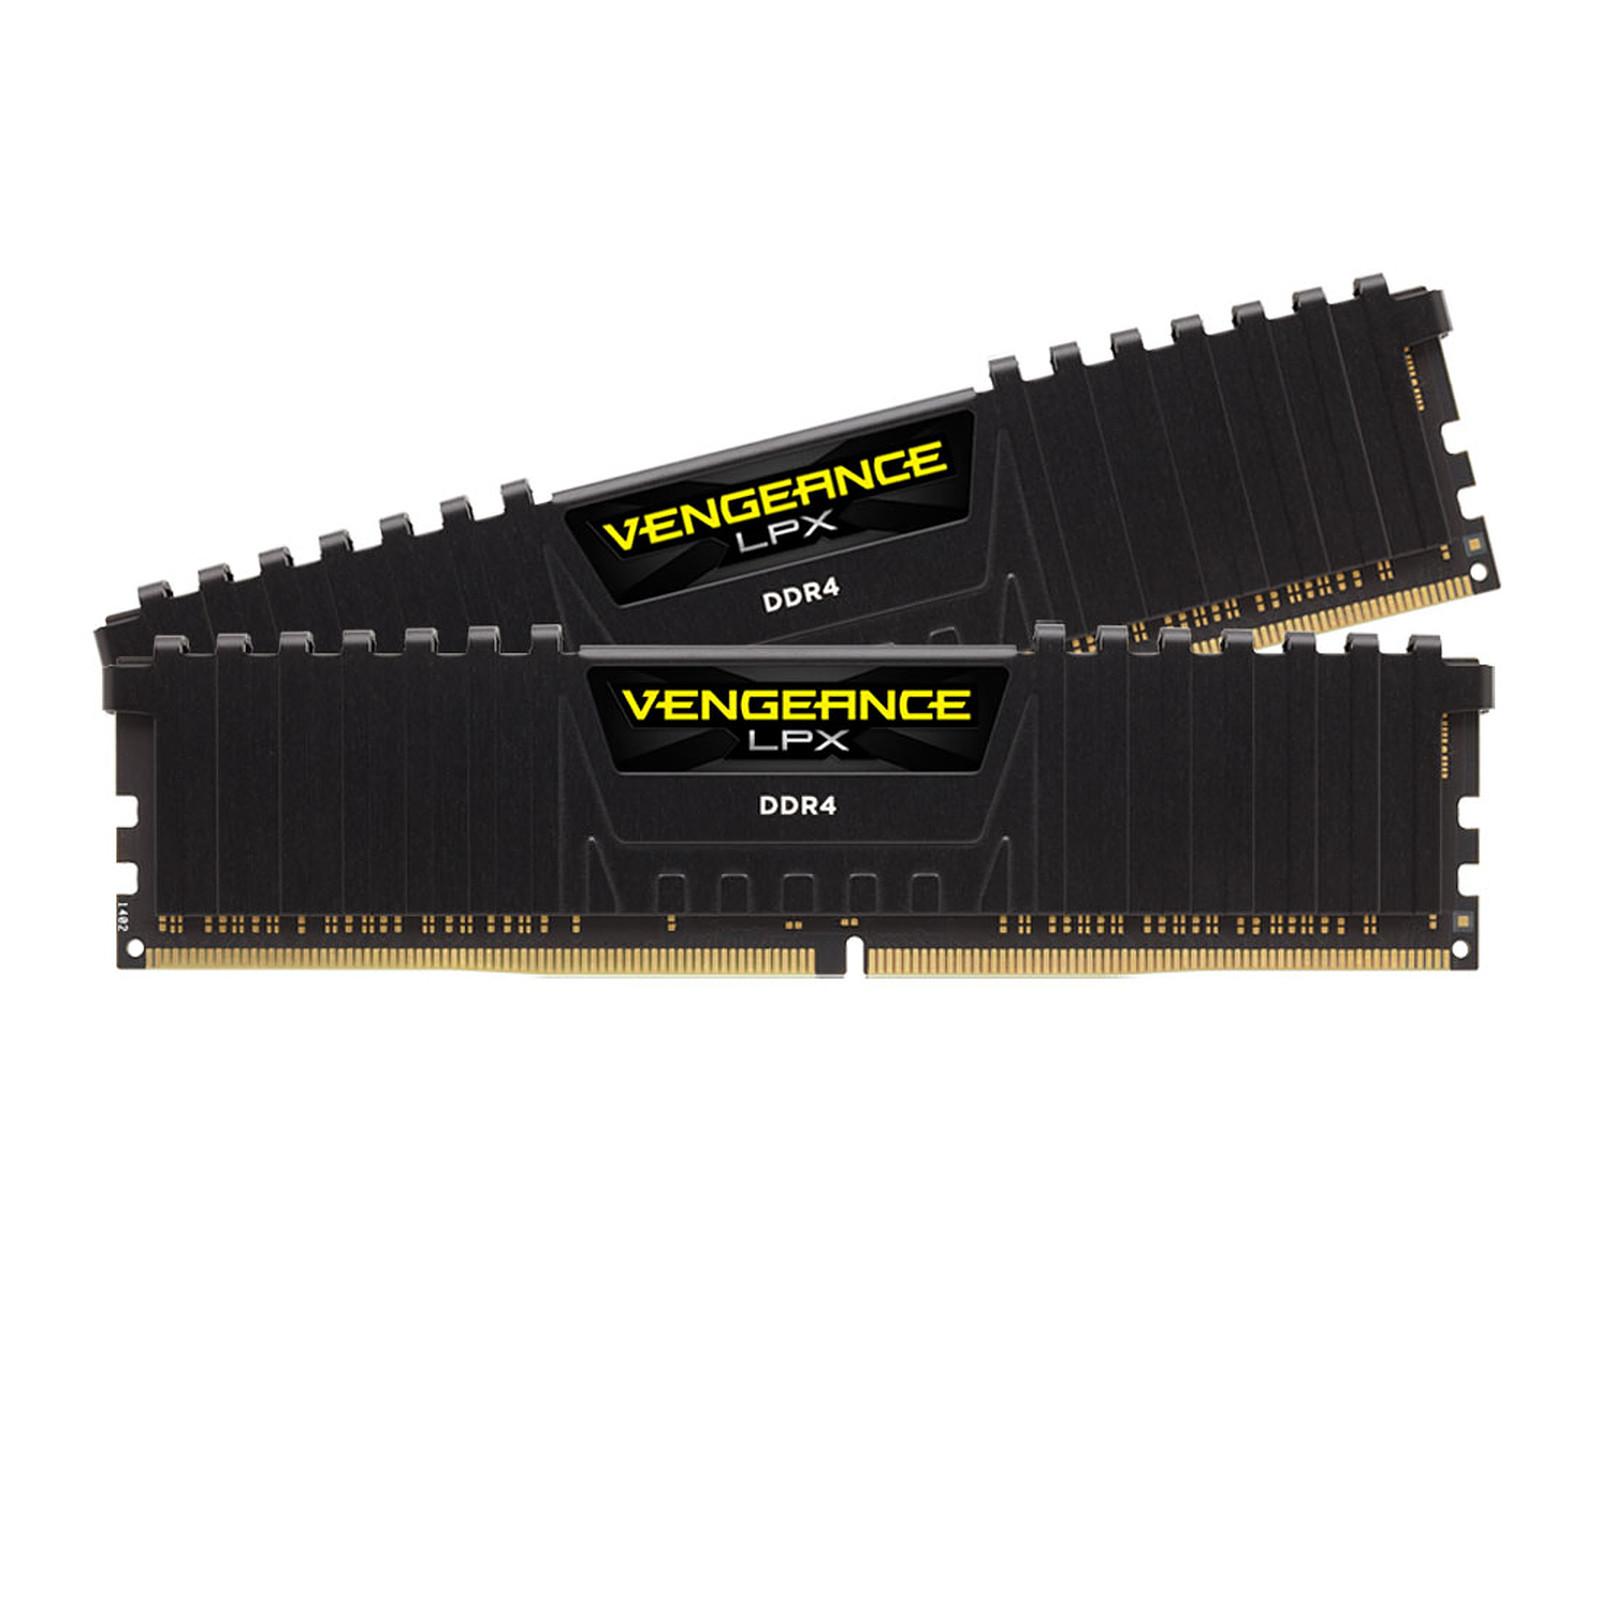 Corsair Vengeance LPX Series Low Profile 64GB (2 x 32GB) DDR4 3600 MHz CL18